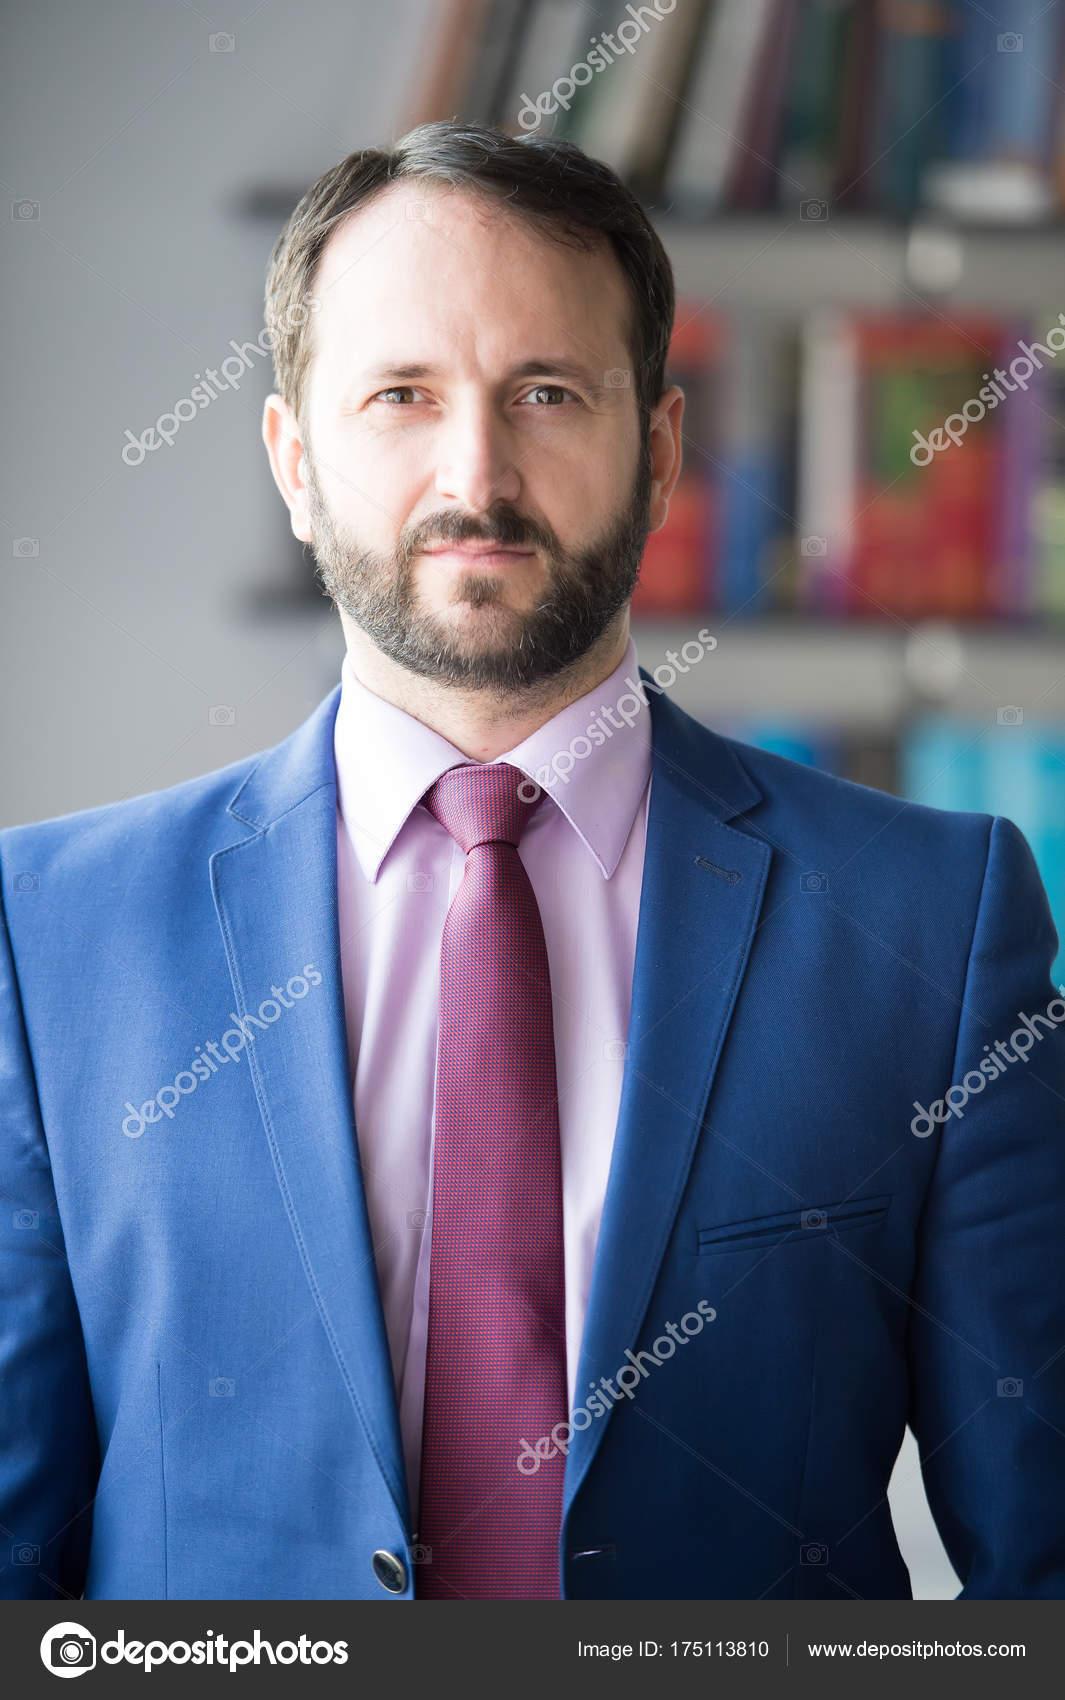 La BleueChemise Veste À Homme Cravate Barbe En Et rWxdBoeC